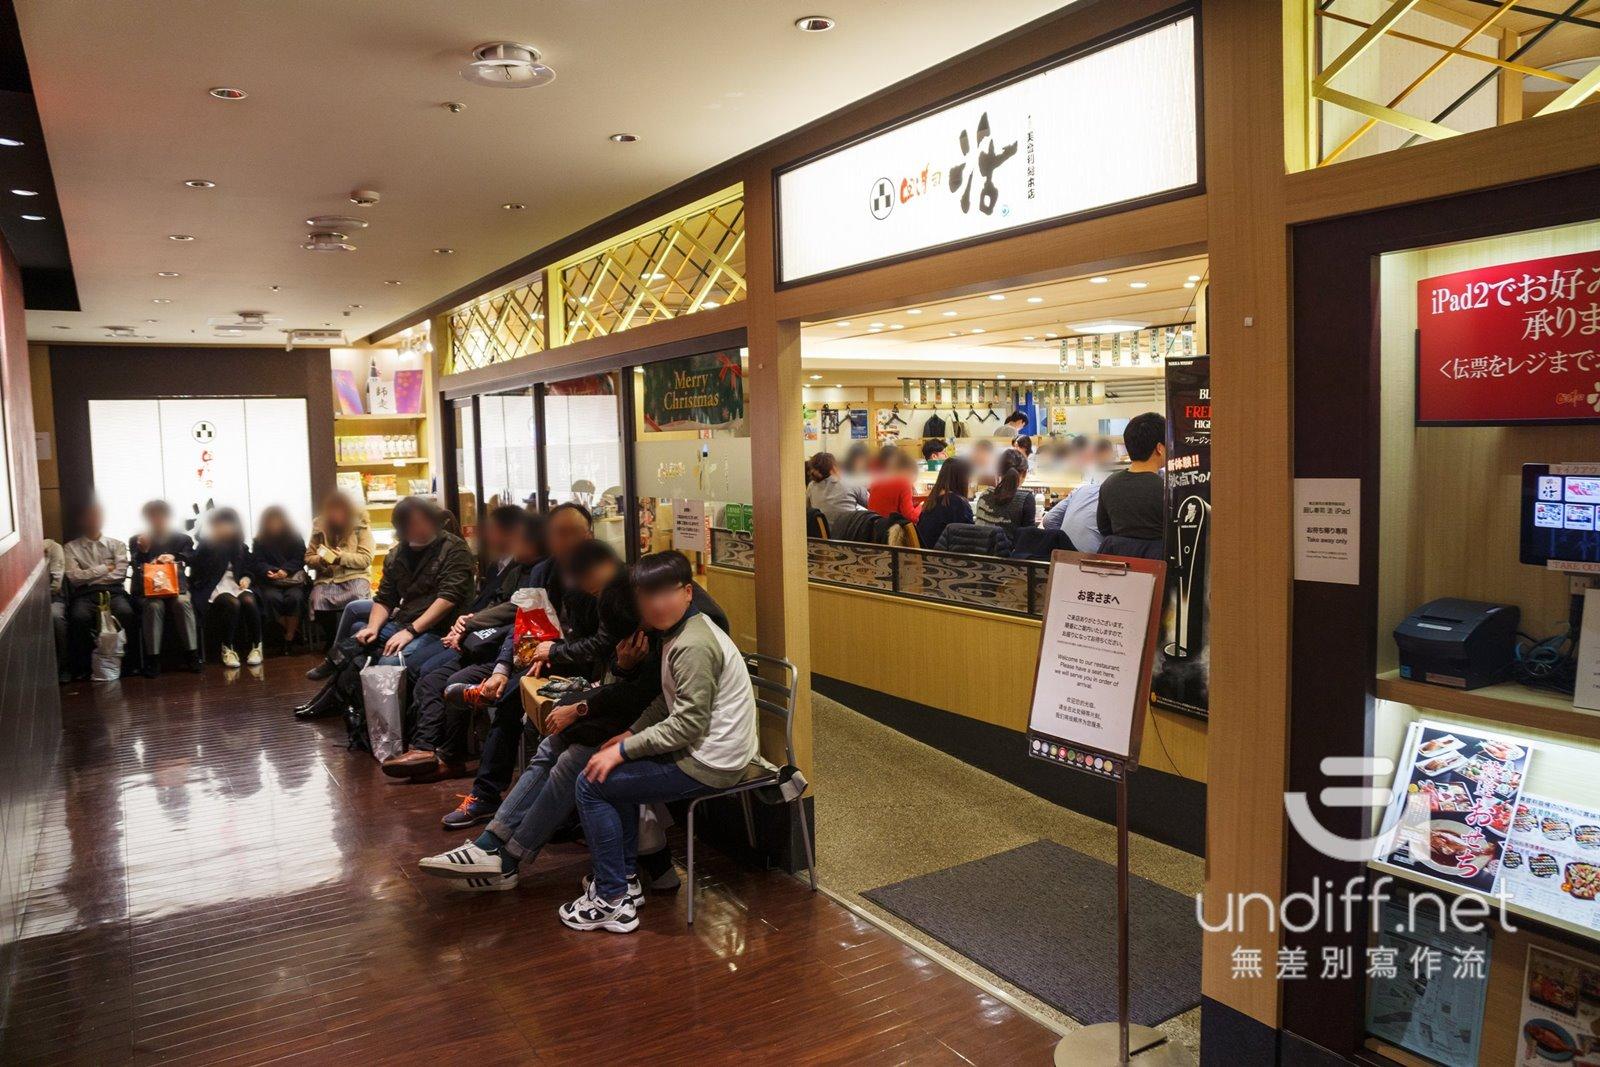 【東京美食】澀谷 回し寿司 活.美登利 西武澀谷店 》超值新鮮又美味的迴轉壽司 4